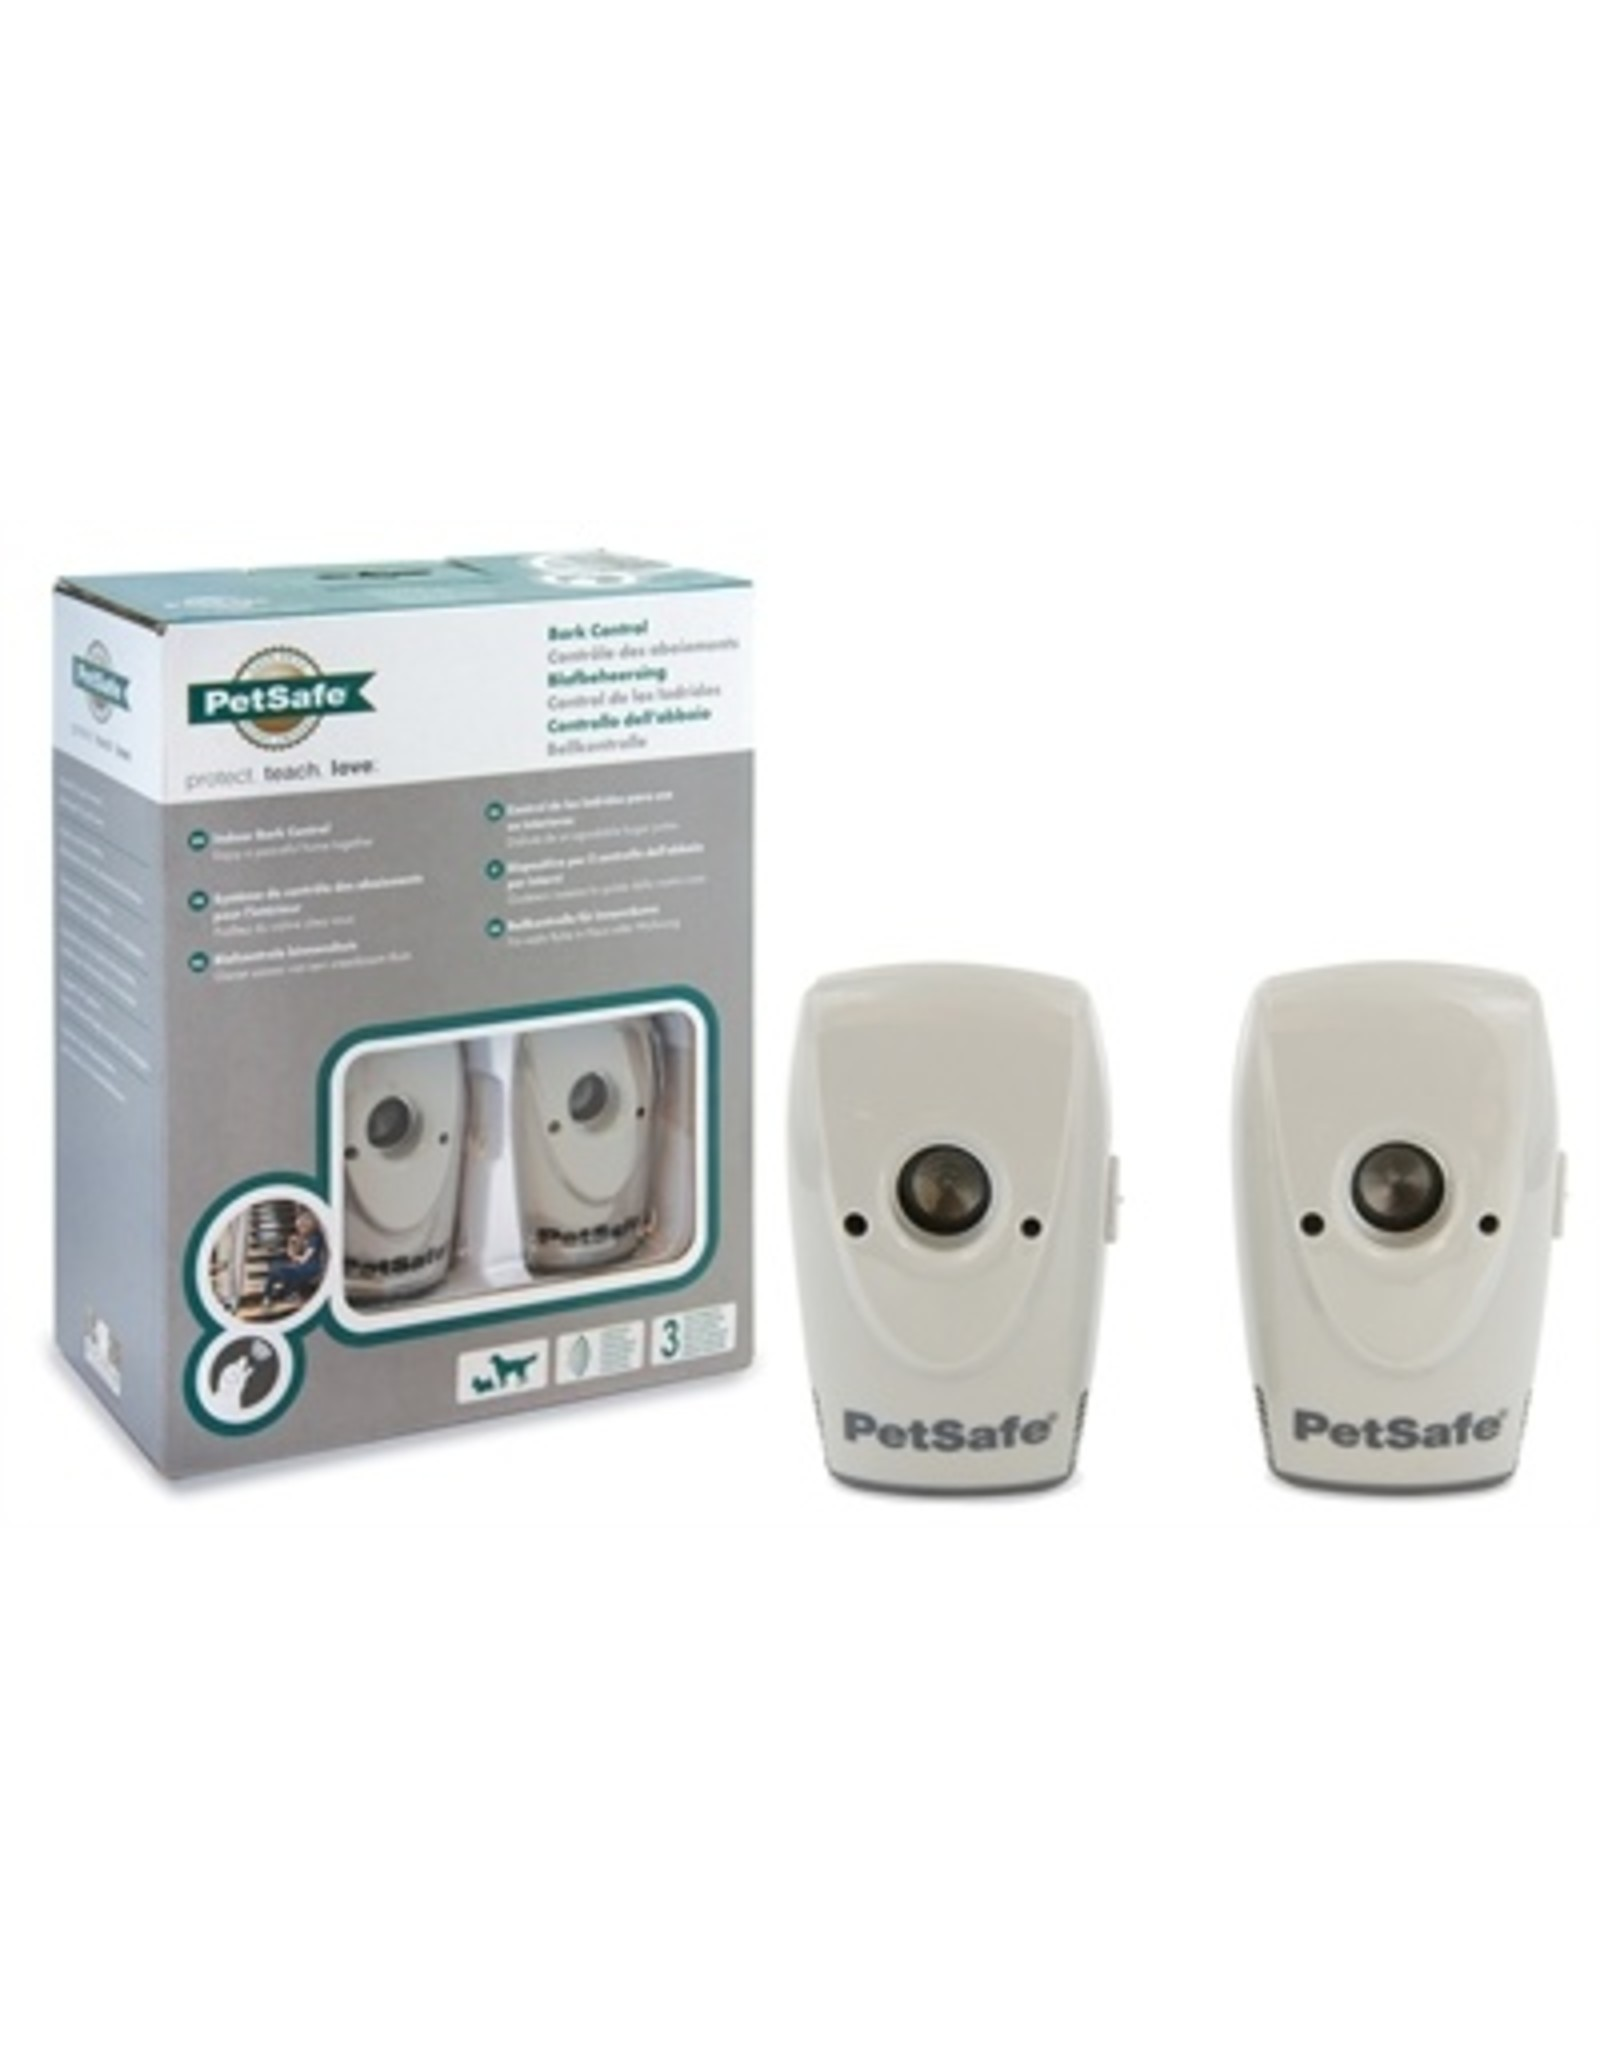 Petsafe Petsafe bark control ultrasonic voor in huis